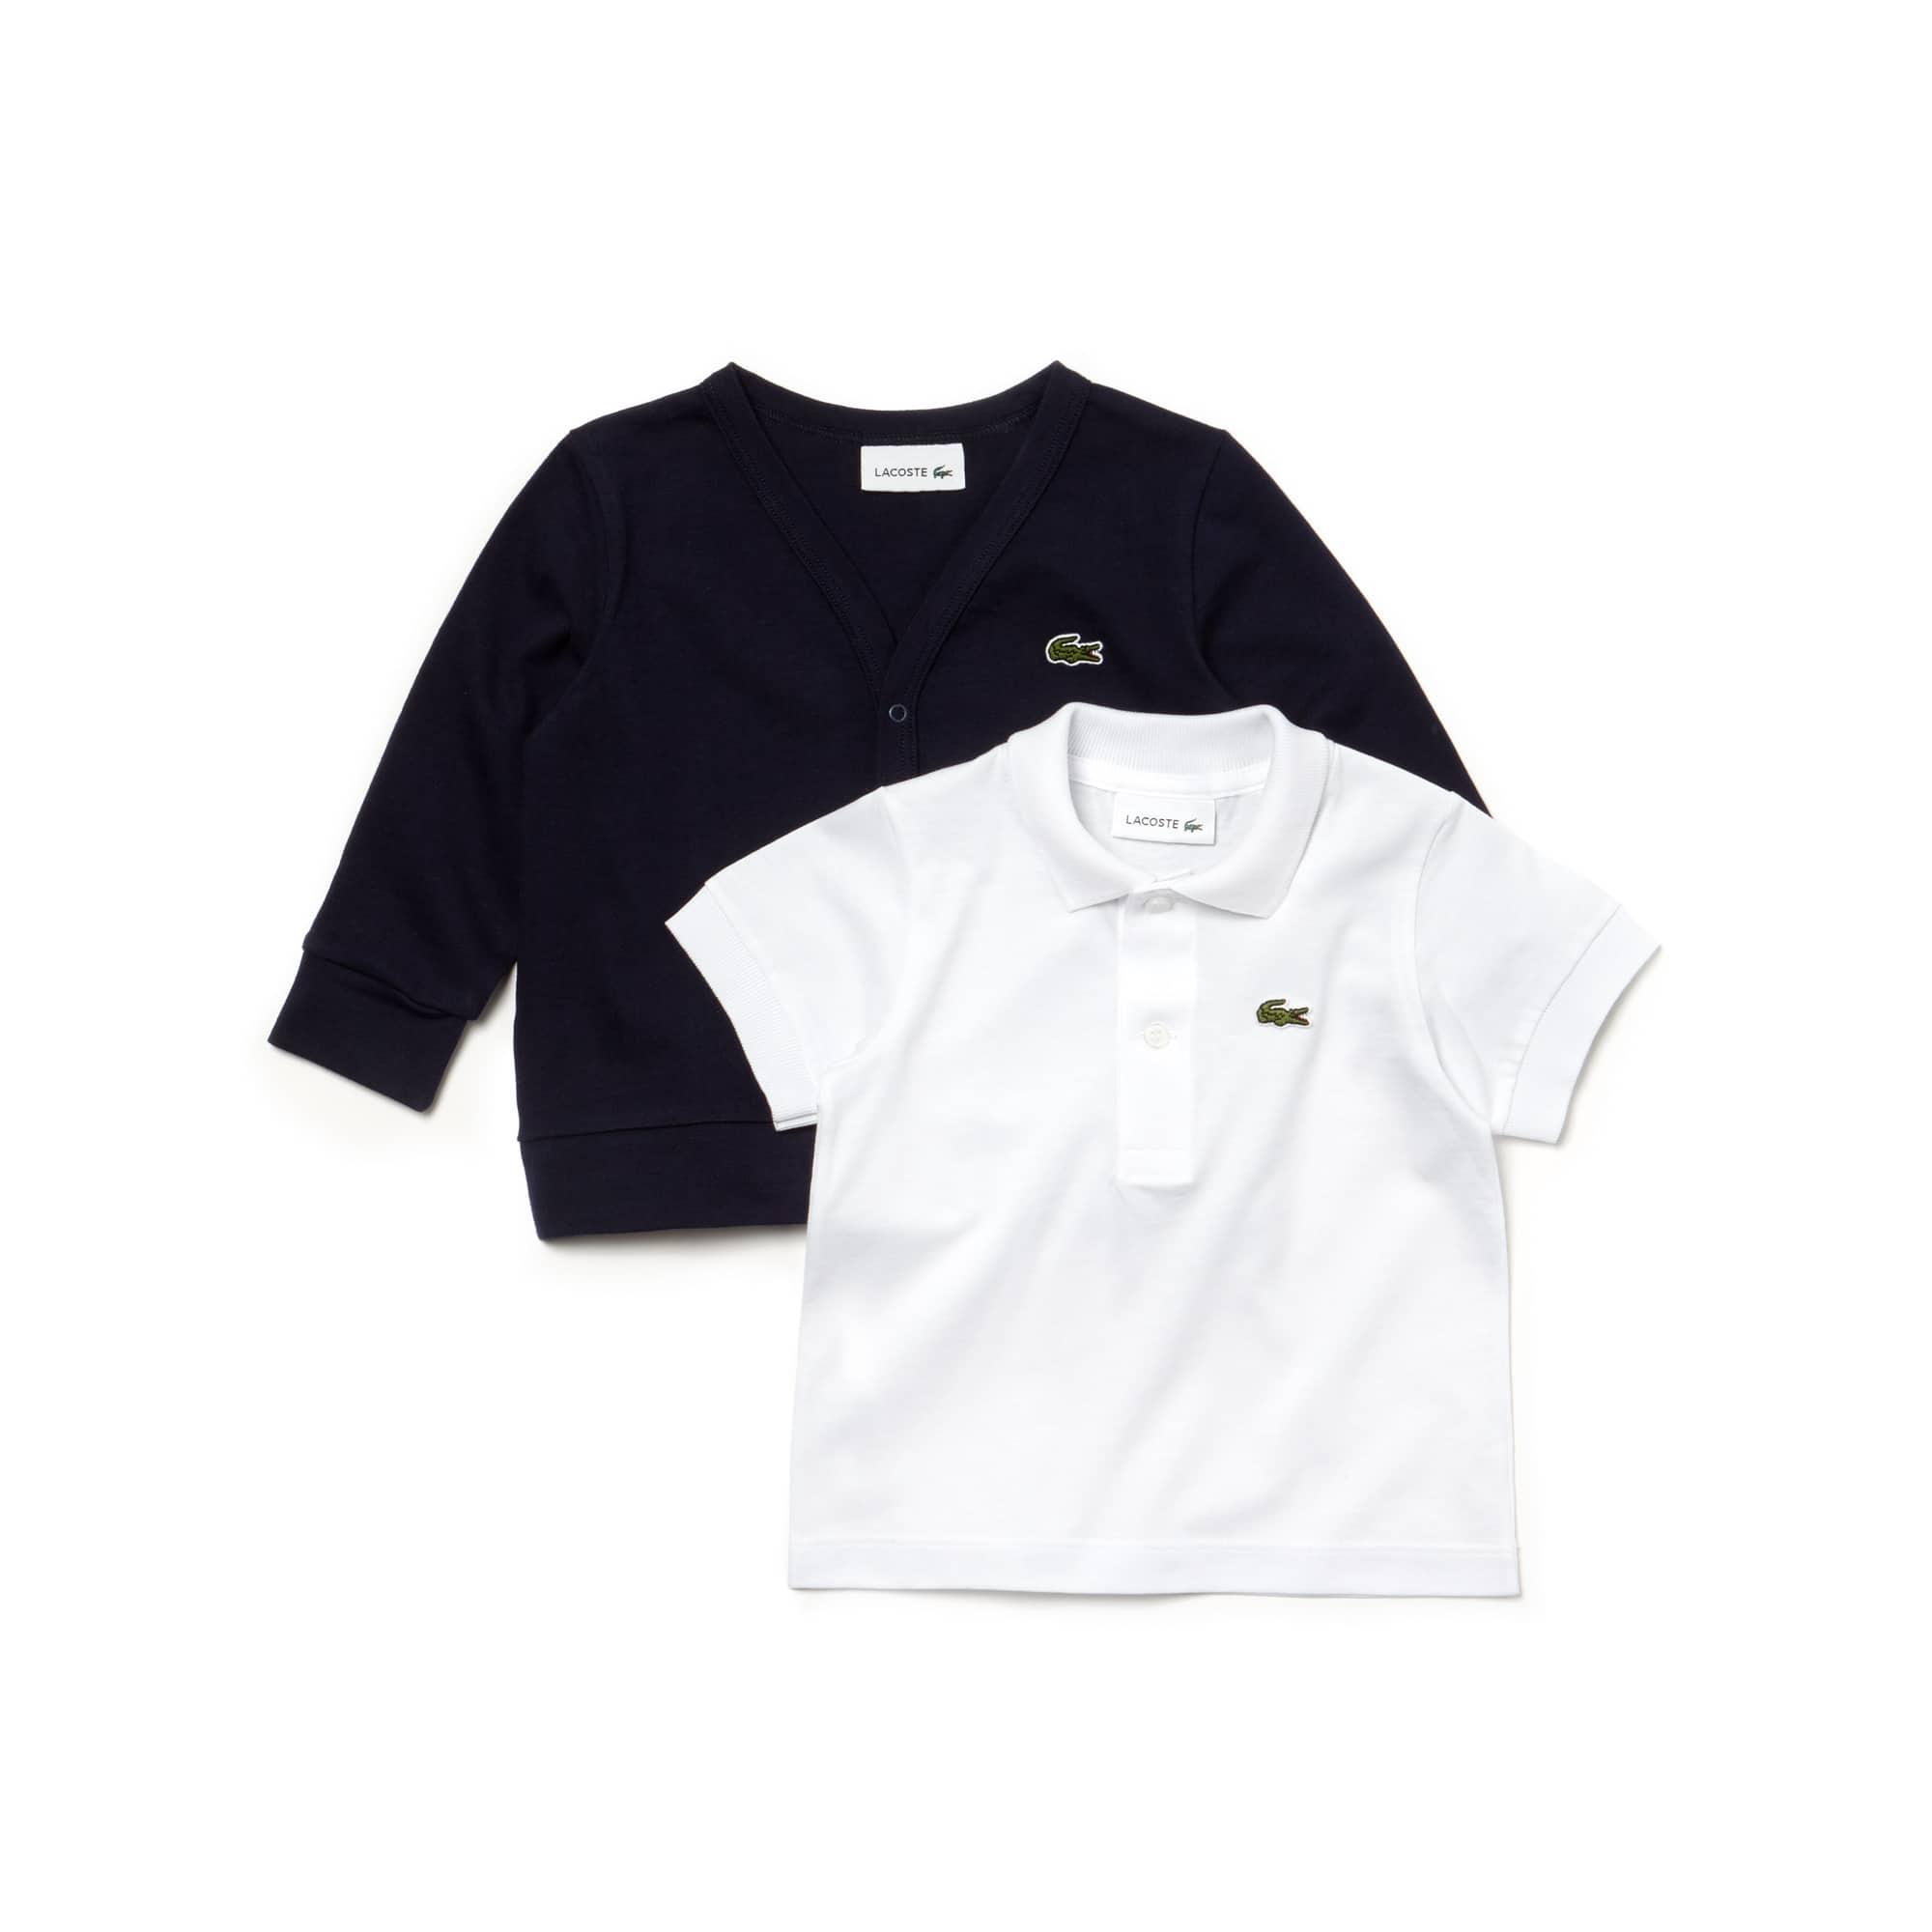 Cofre regalo niño polo y cárdigan de punto jersey de algodón liso